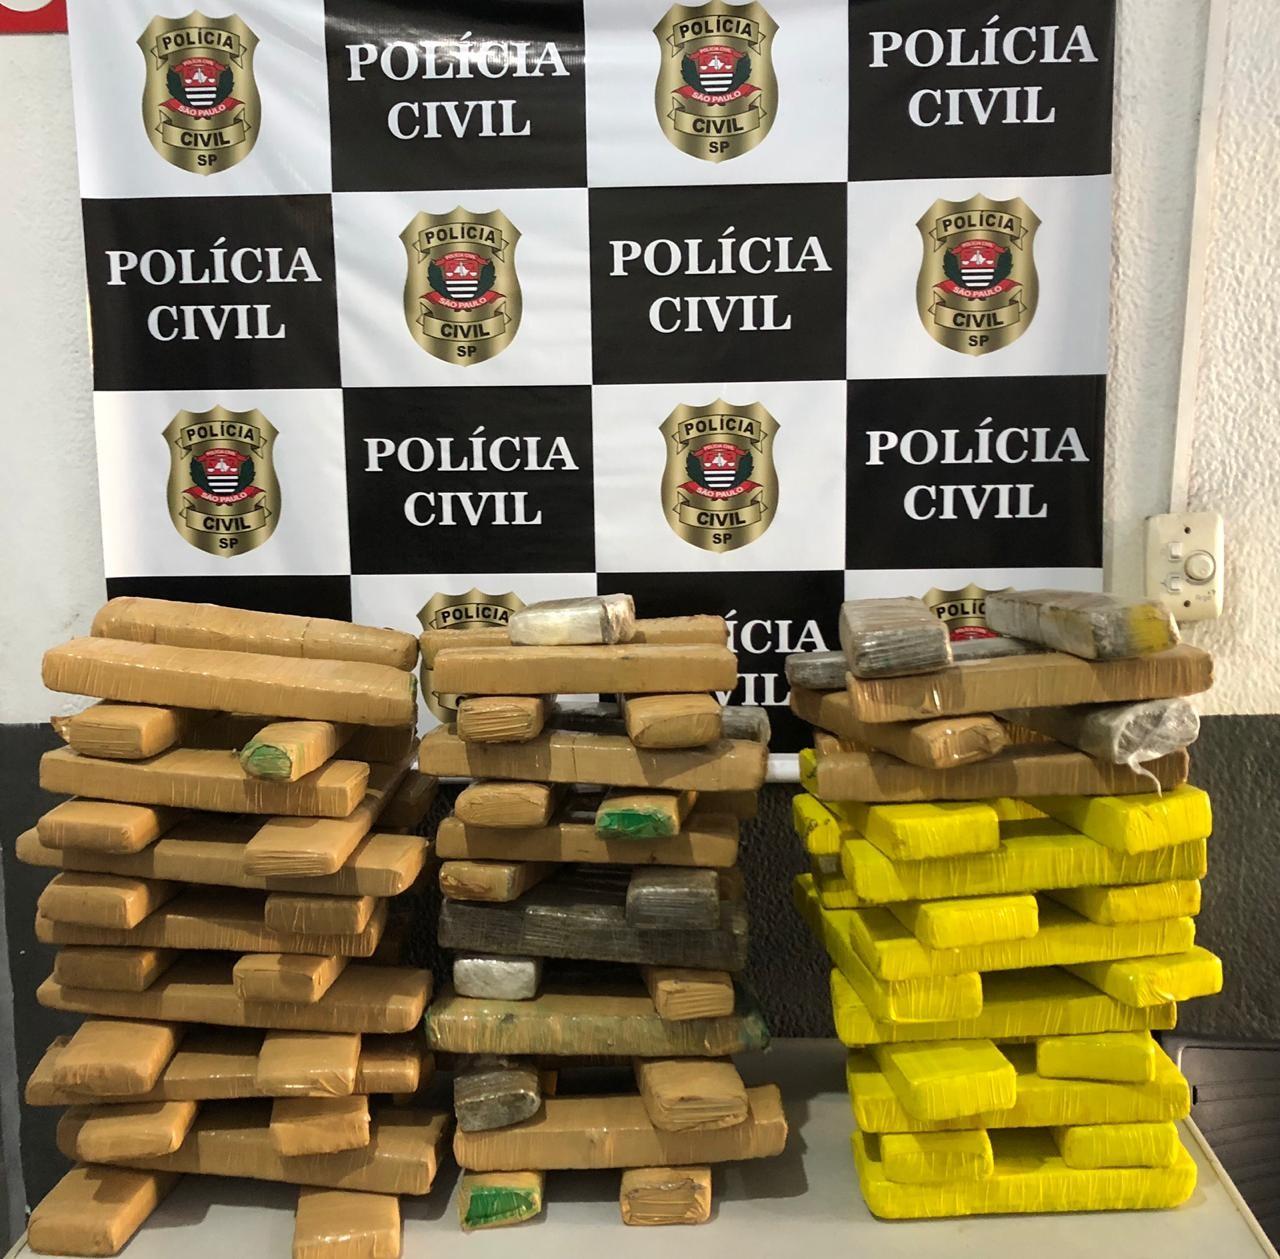 Polícia apreende mais de 70 kg de maconha durante operação em Guarujá, SP